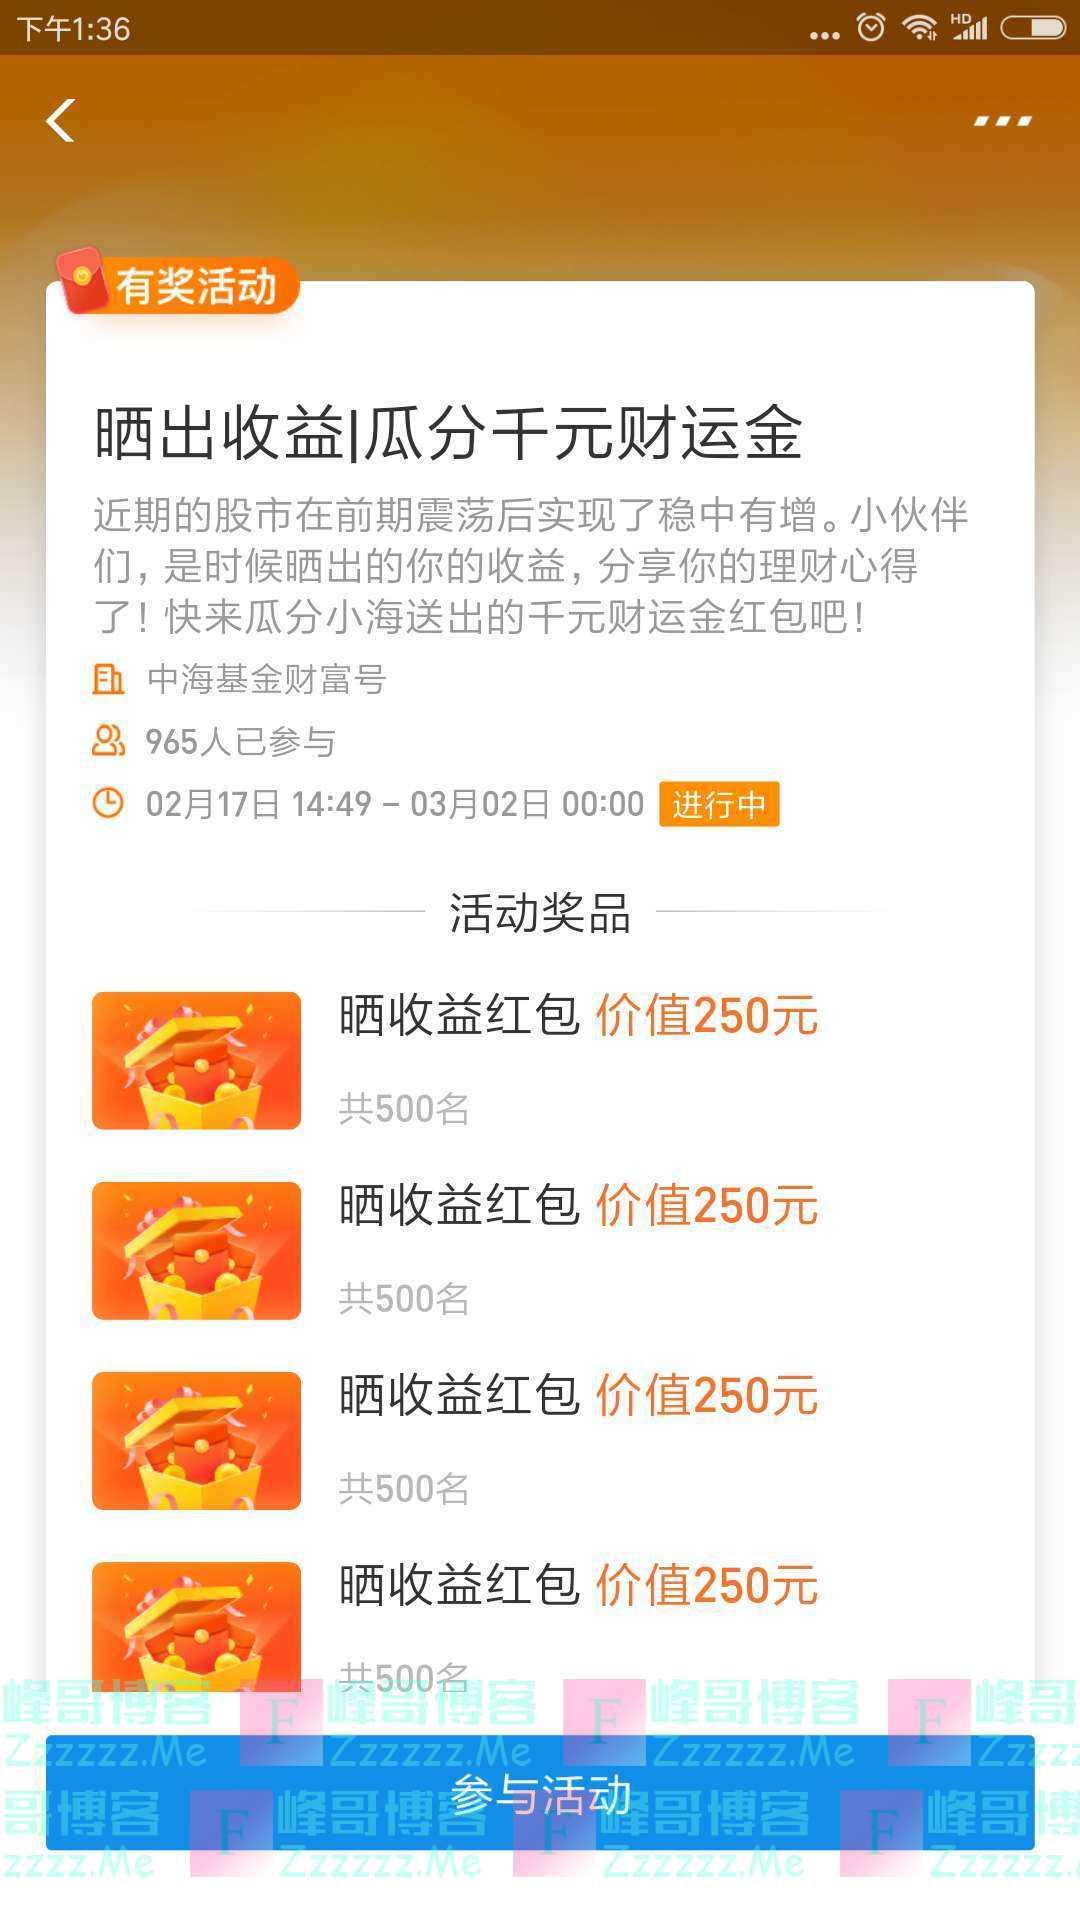 中海基金晒出收益 瓜分千元红包(截止3月2日)